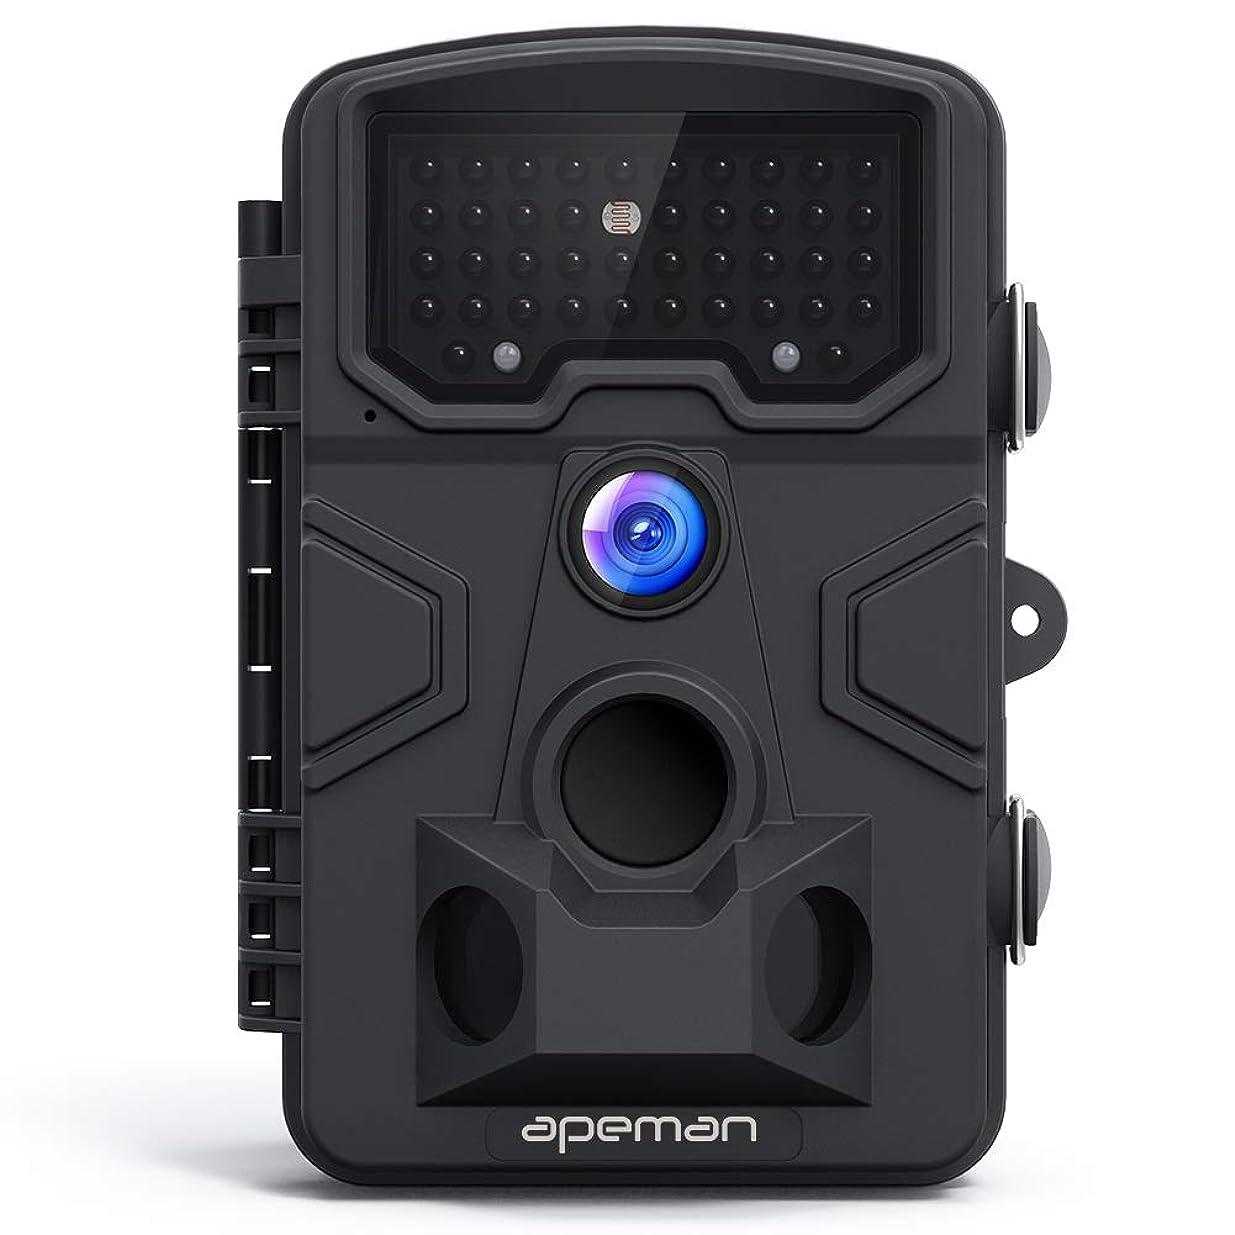 メールを書くマージ手配するAPEMANトレイルカメラ 防犯カメラ 暗視カメラ 狩猟モニターカメラ 監視カメラ 1200万画素 HD 1080P 120°広角 動体検知 人感センサー 自動録画 家庭 屋外 動物撮影 野外監視 車庫 駐車場用 IP54防水カメラ